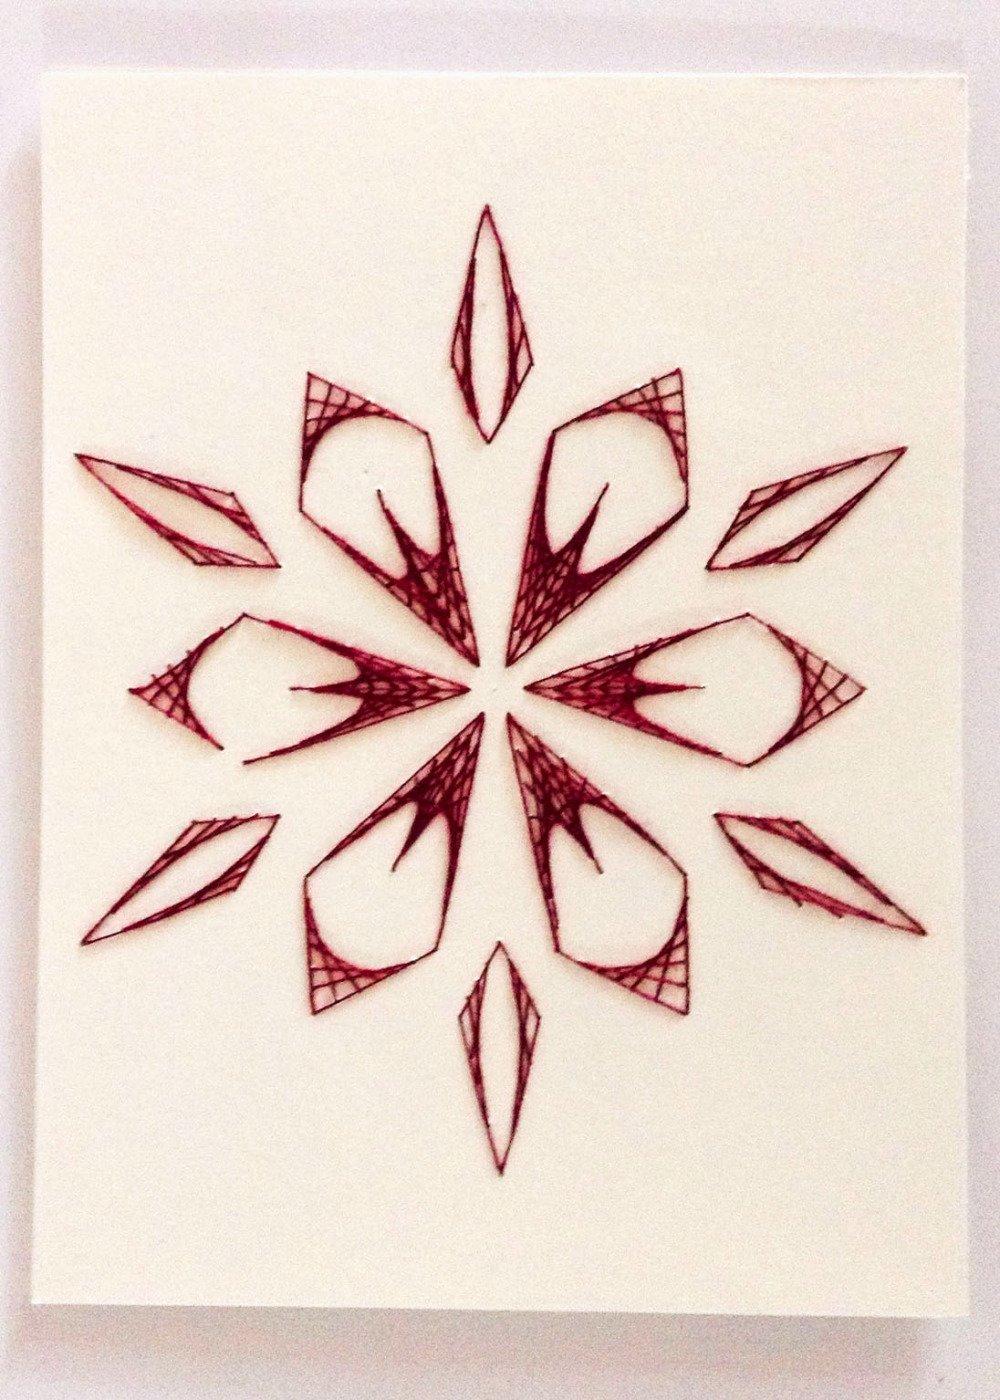 Carte faite main en fils de coton tendus sur carton, motif fleur prune